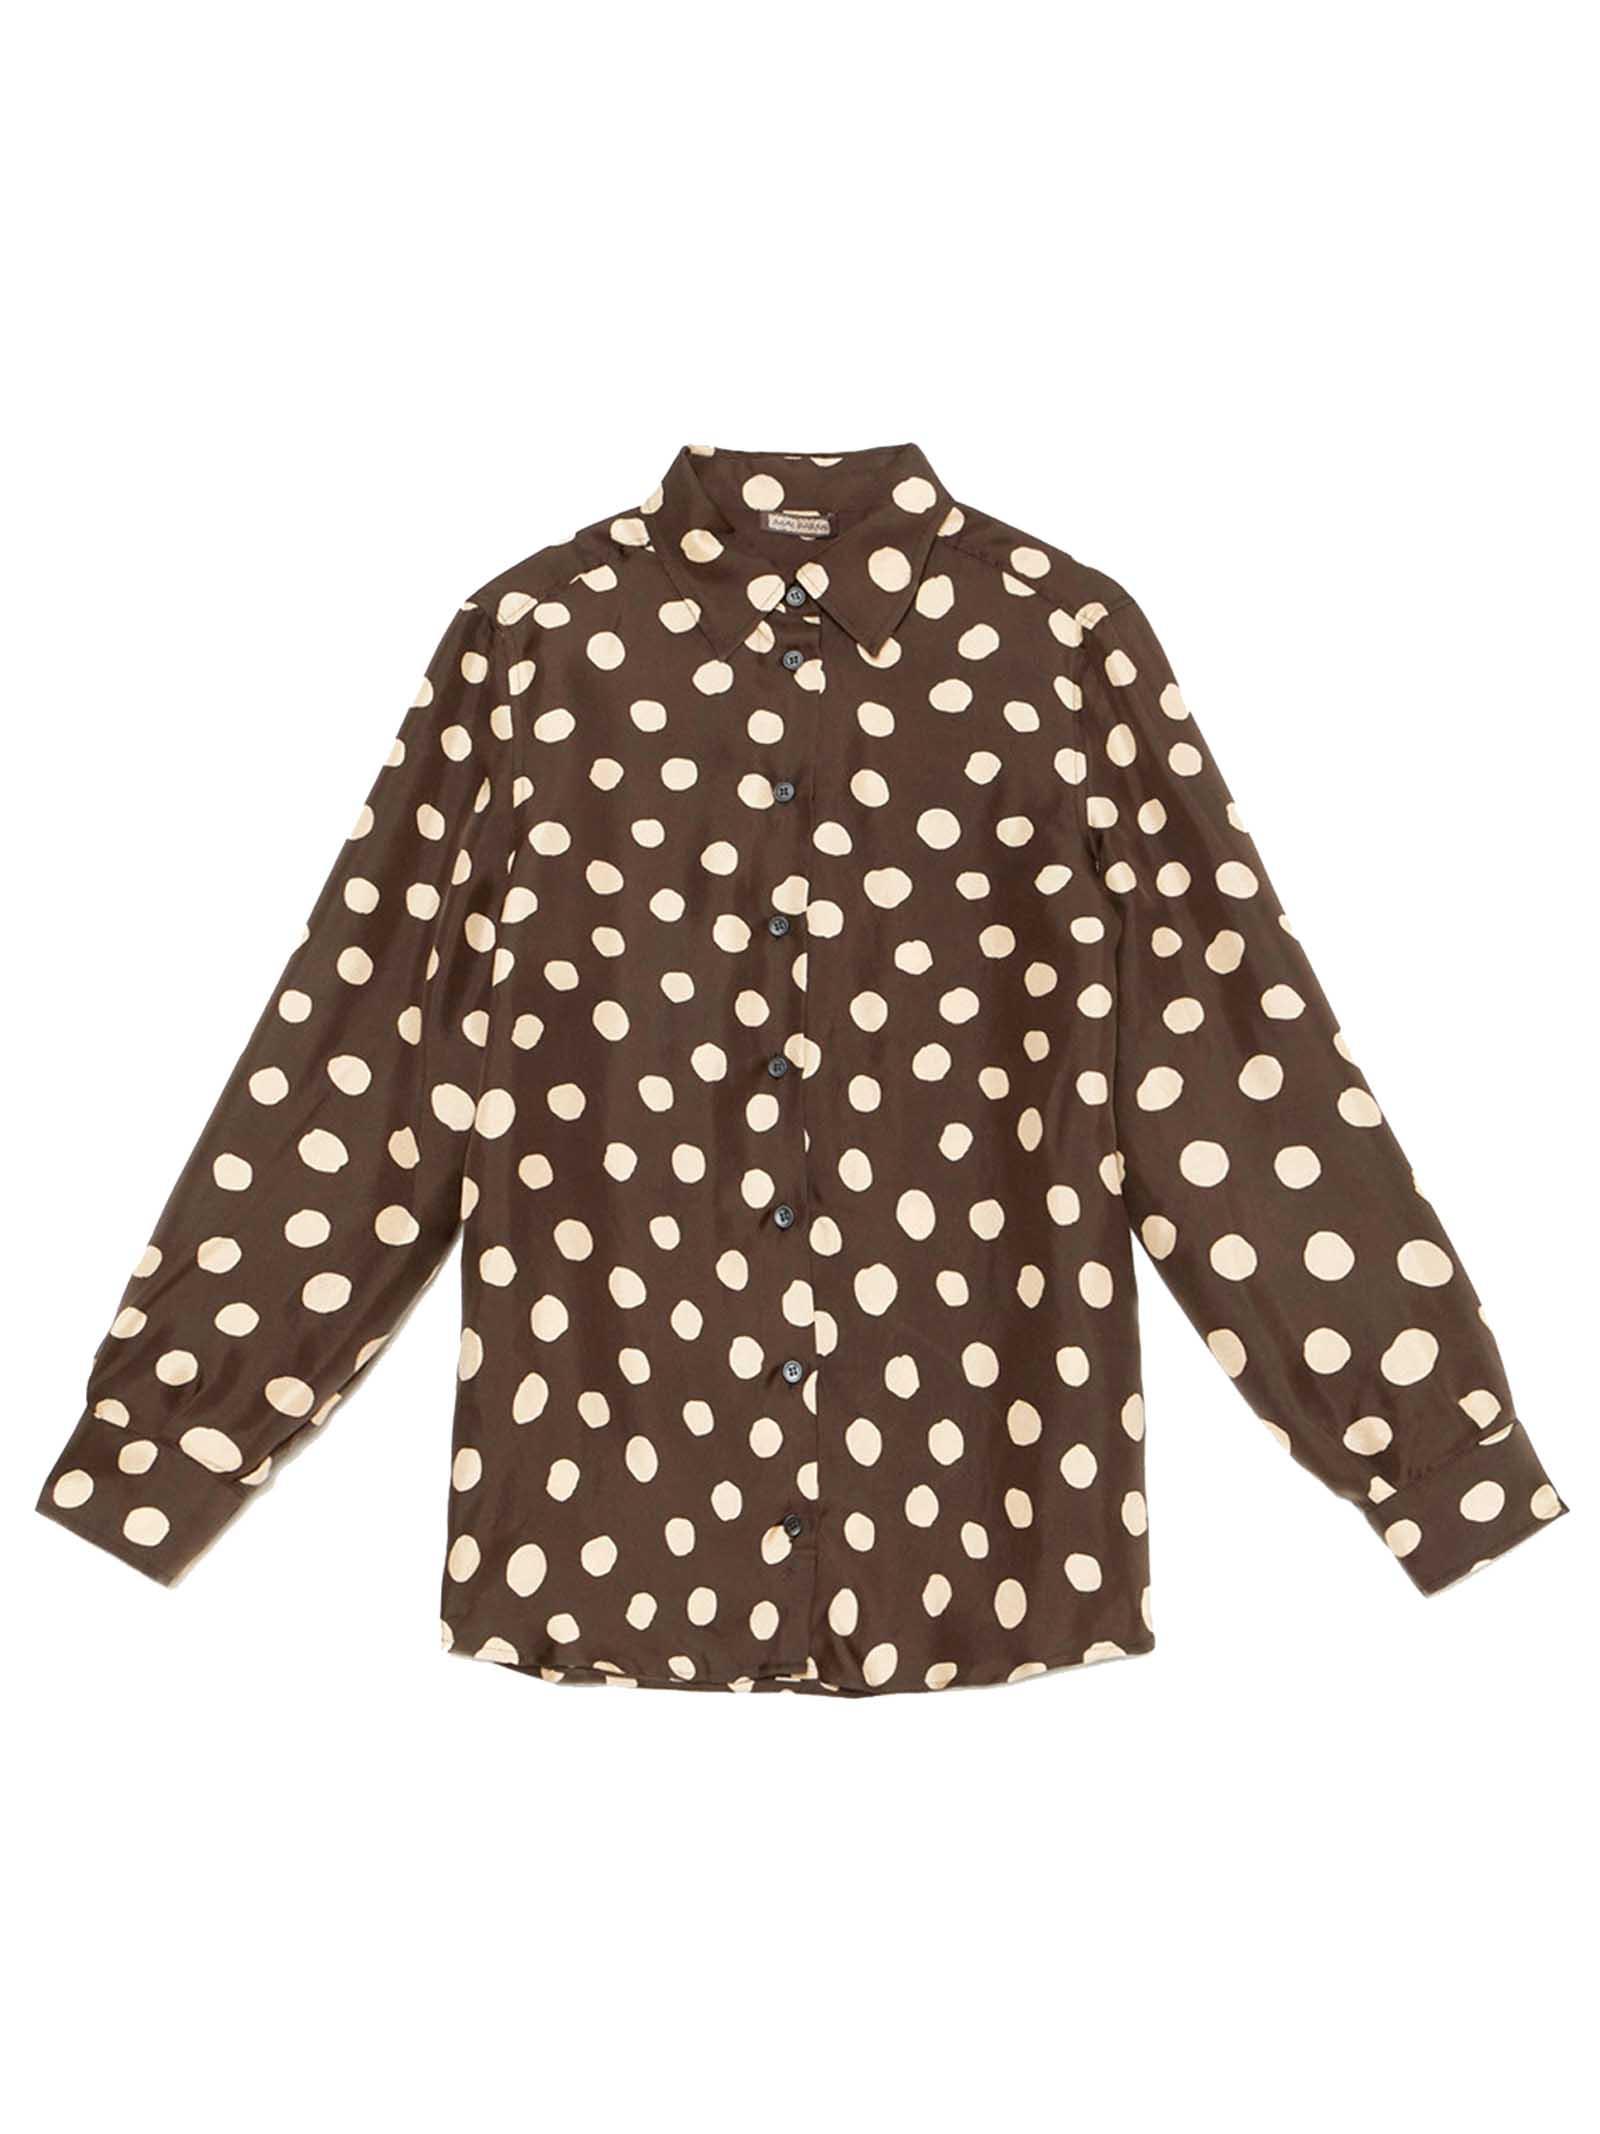 Abbigliamento Donna Camicia Silk Twill Tale in Seta Marrone e Avorio a Maniche Lunghe Maliparmi | Camicie e Top | JM214430112B4075